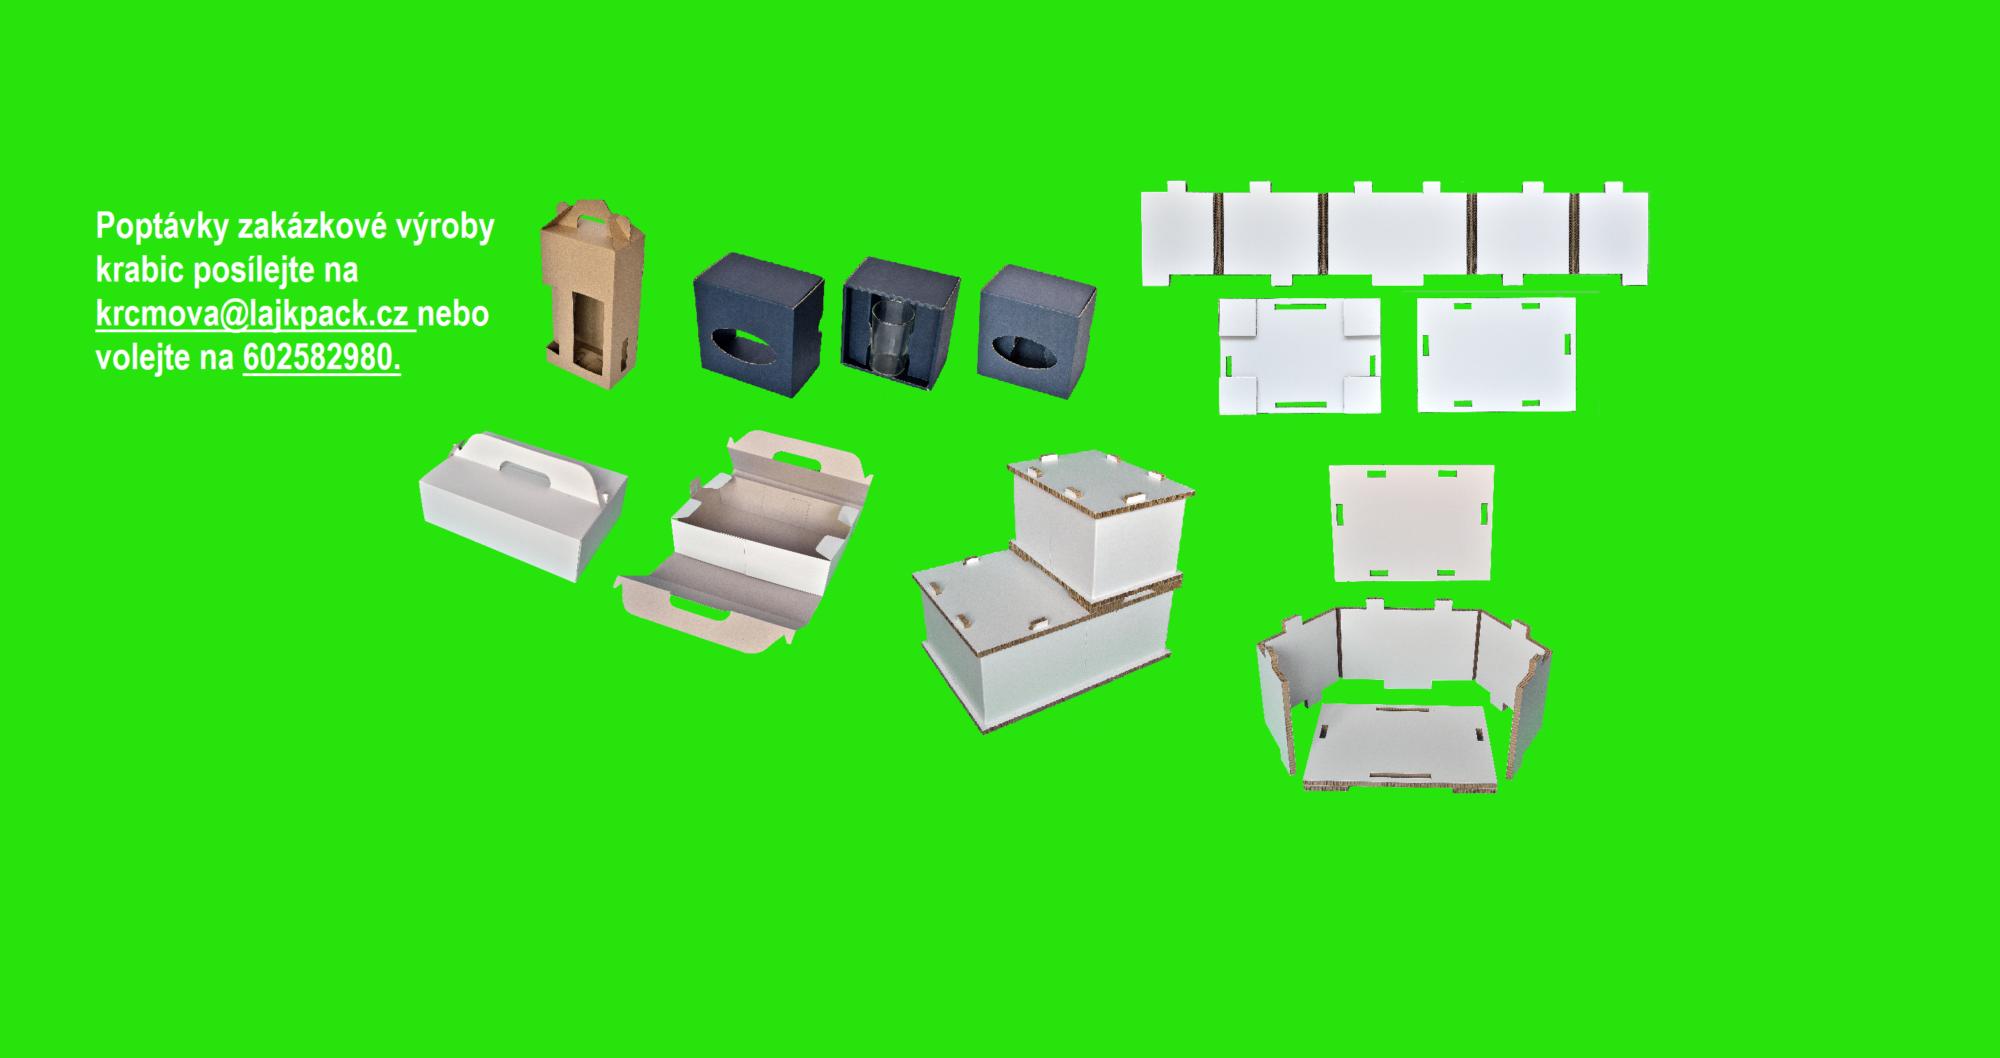 LAJK PACK s.r.o. - krabice na klíč